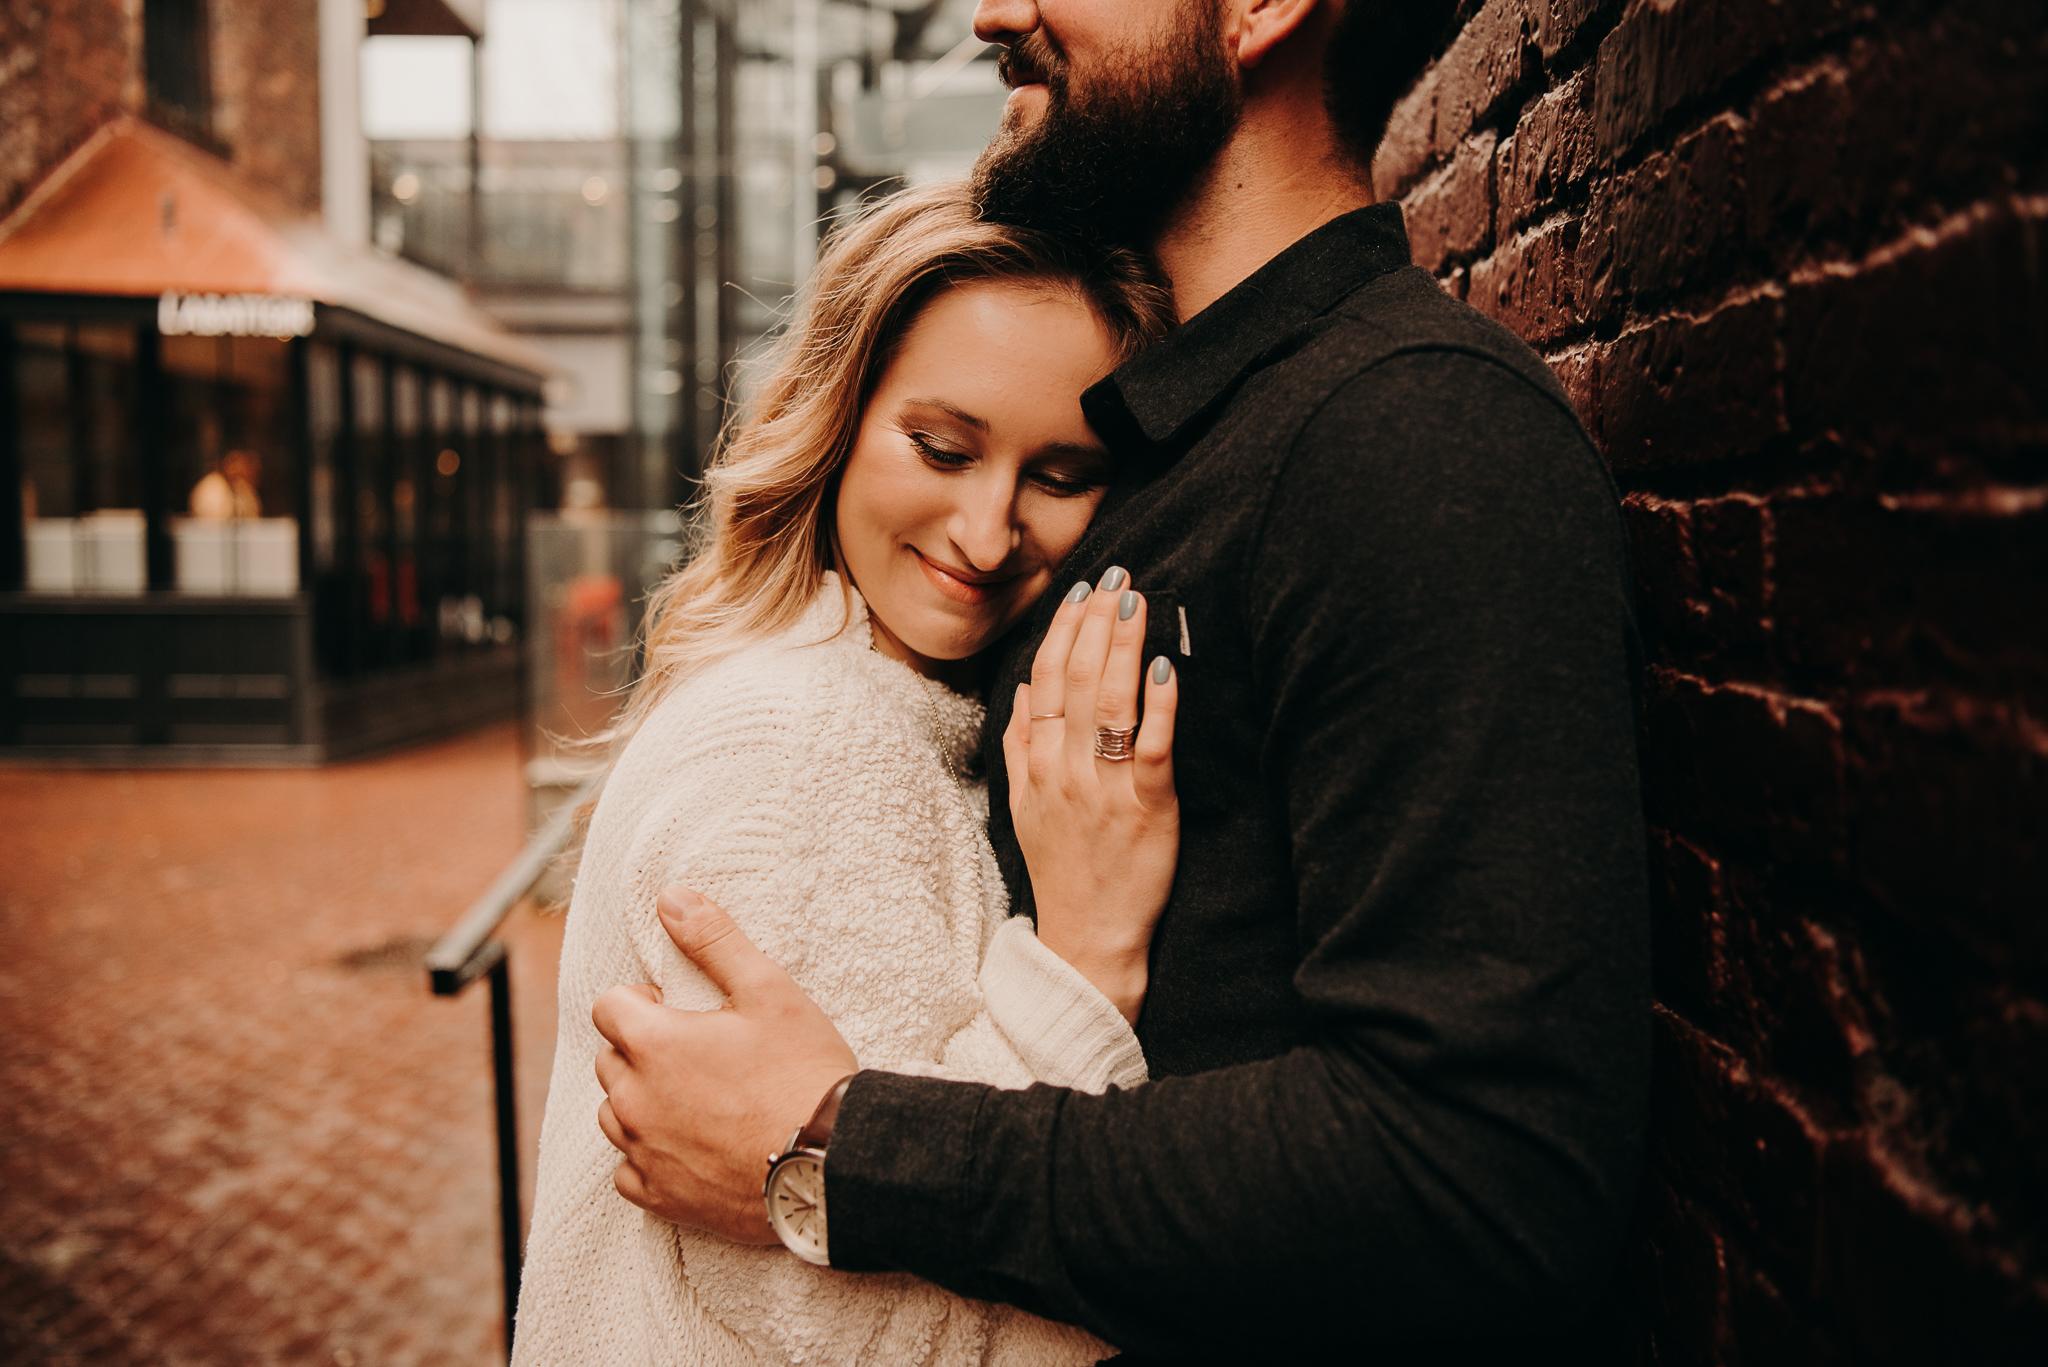 Amanda & Eric Gastown Vancouver Engagement Session - Laura Olson Photography - Sunshine Coast BC Photographer - Vancouver Photographer-2158.jpg